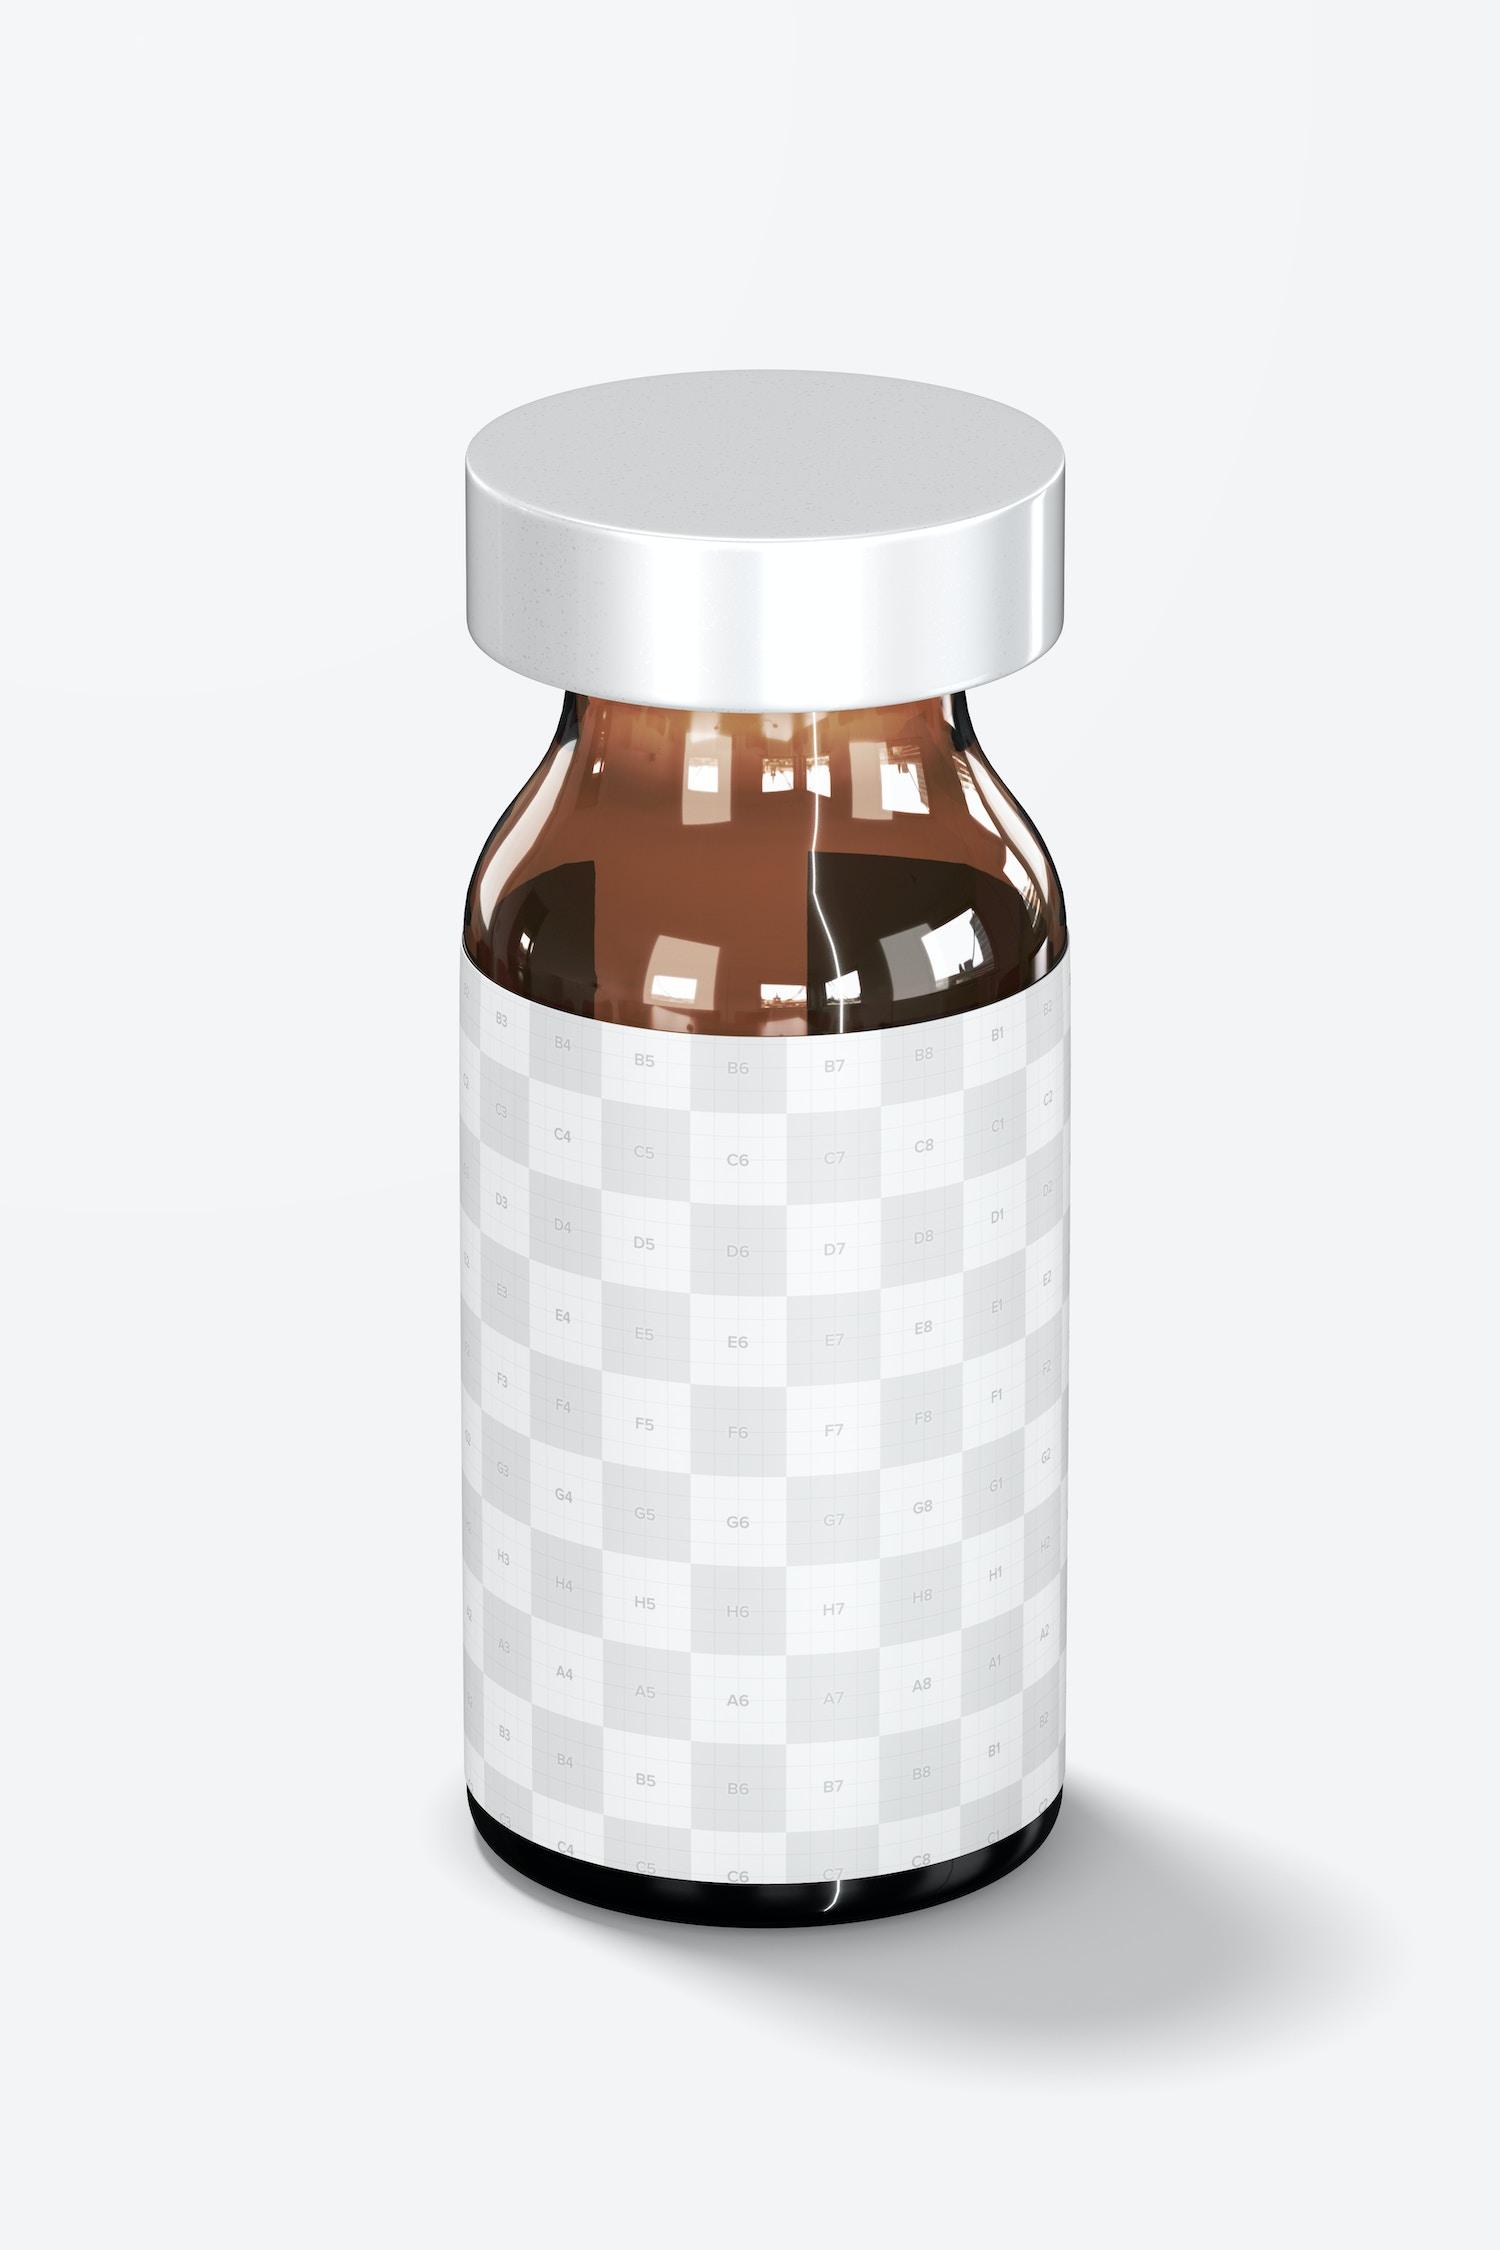 Amber Glass Medicine Vial Bottle Mockup